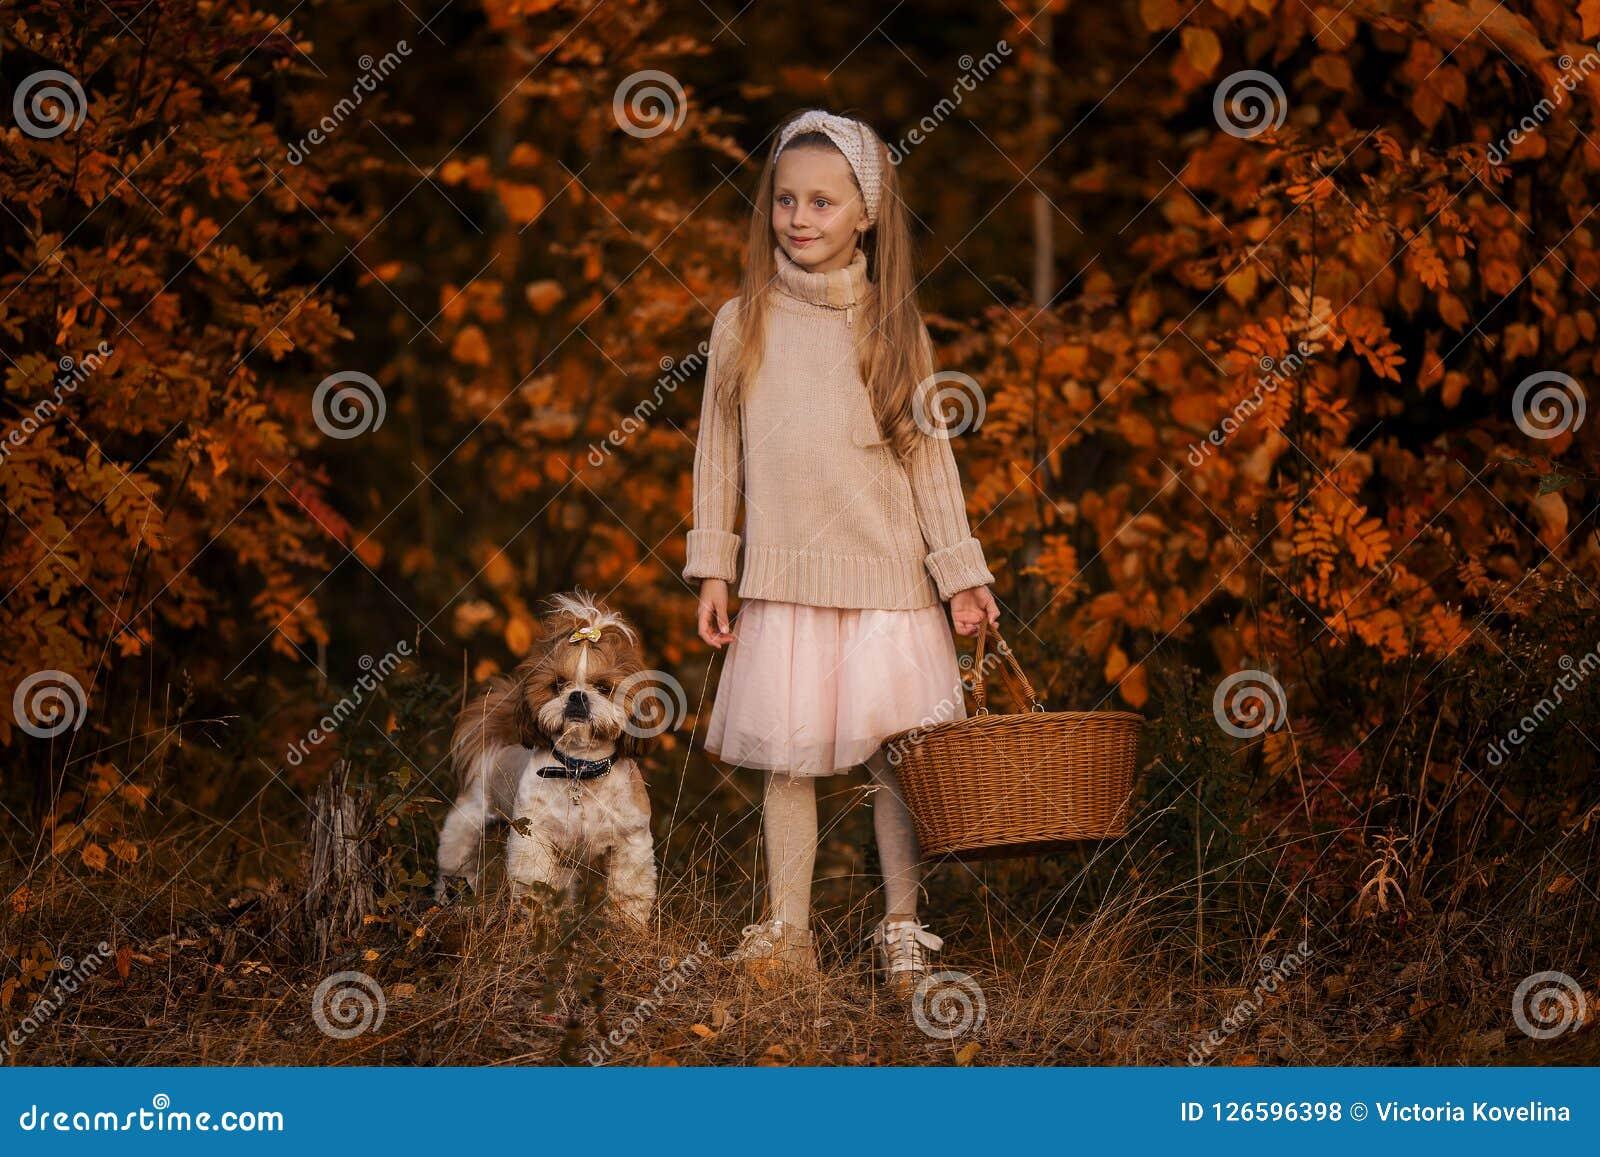 Kleines Mädchen mit einem Korb und einem Hund im Wald